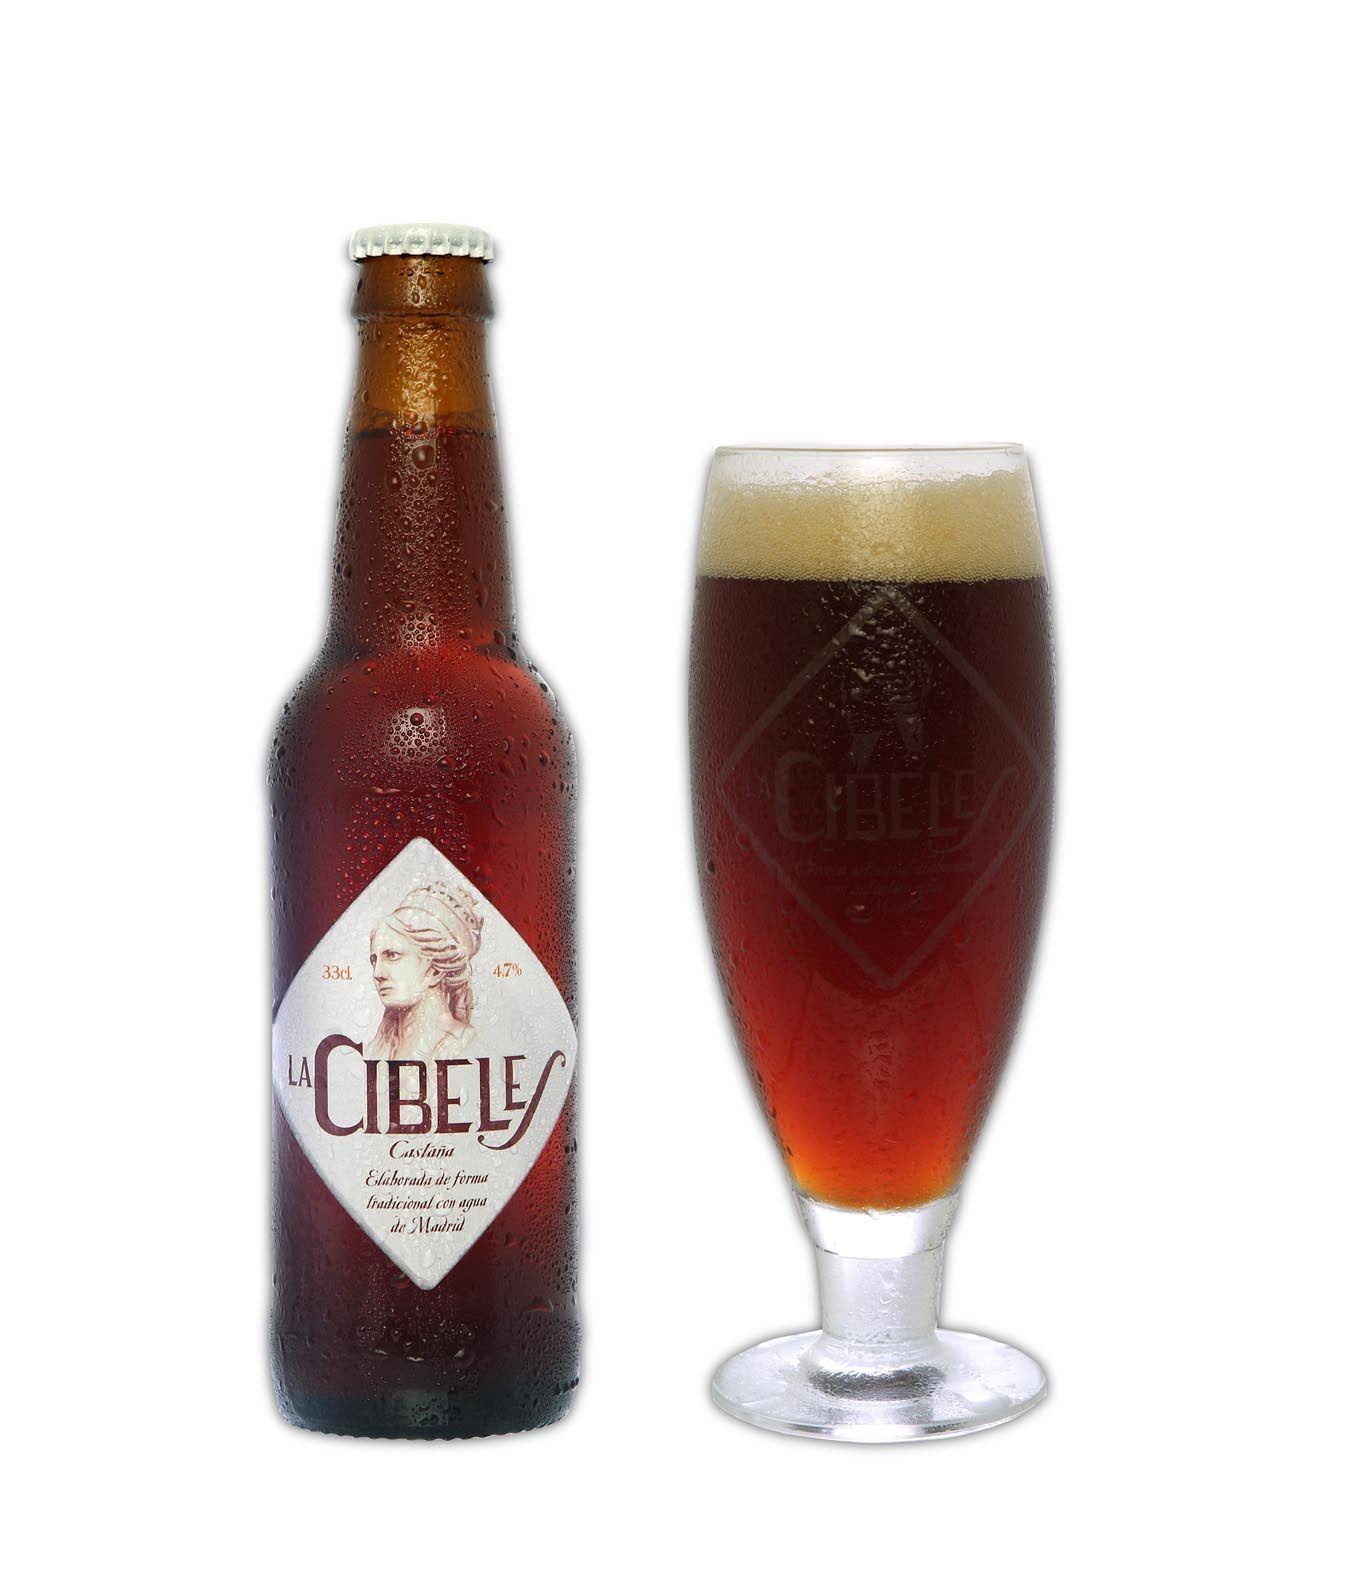 La Cibeles Castana Cerveza Cerveza Artesanal Cervezas Espanolas